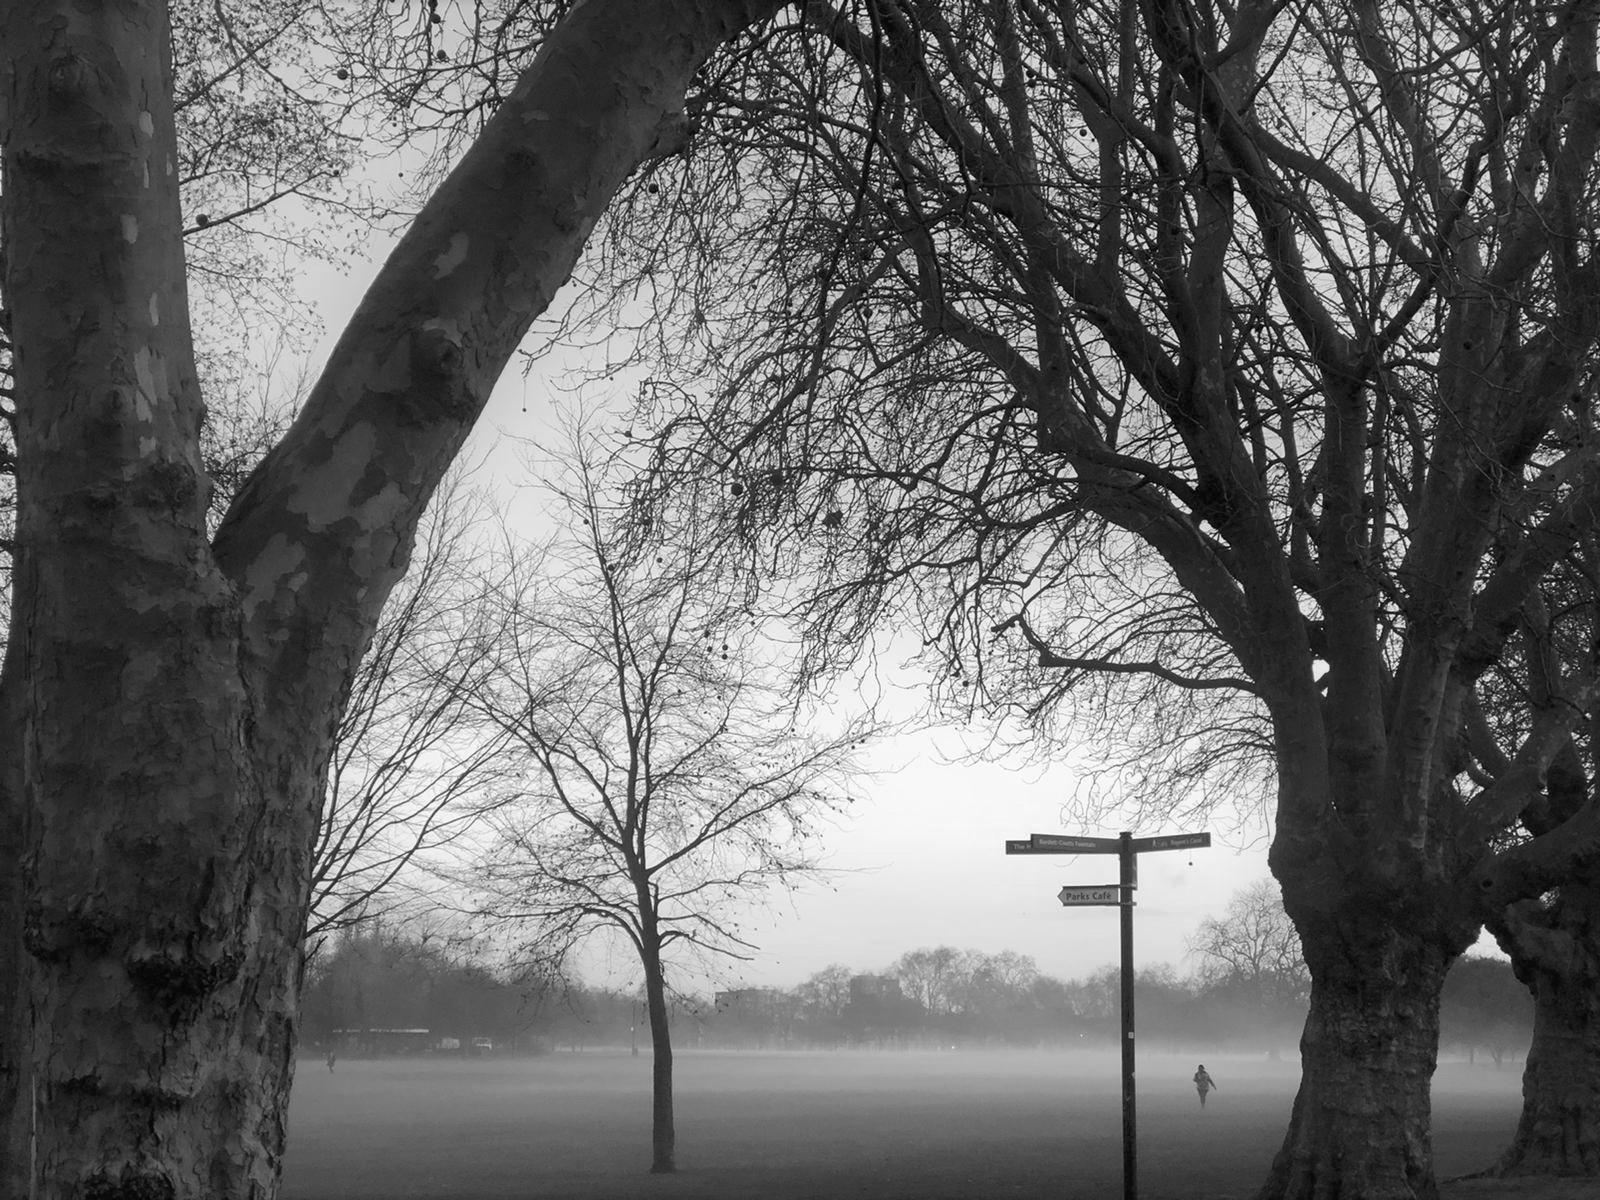 Fog park